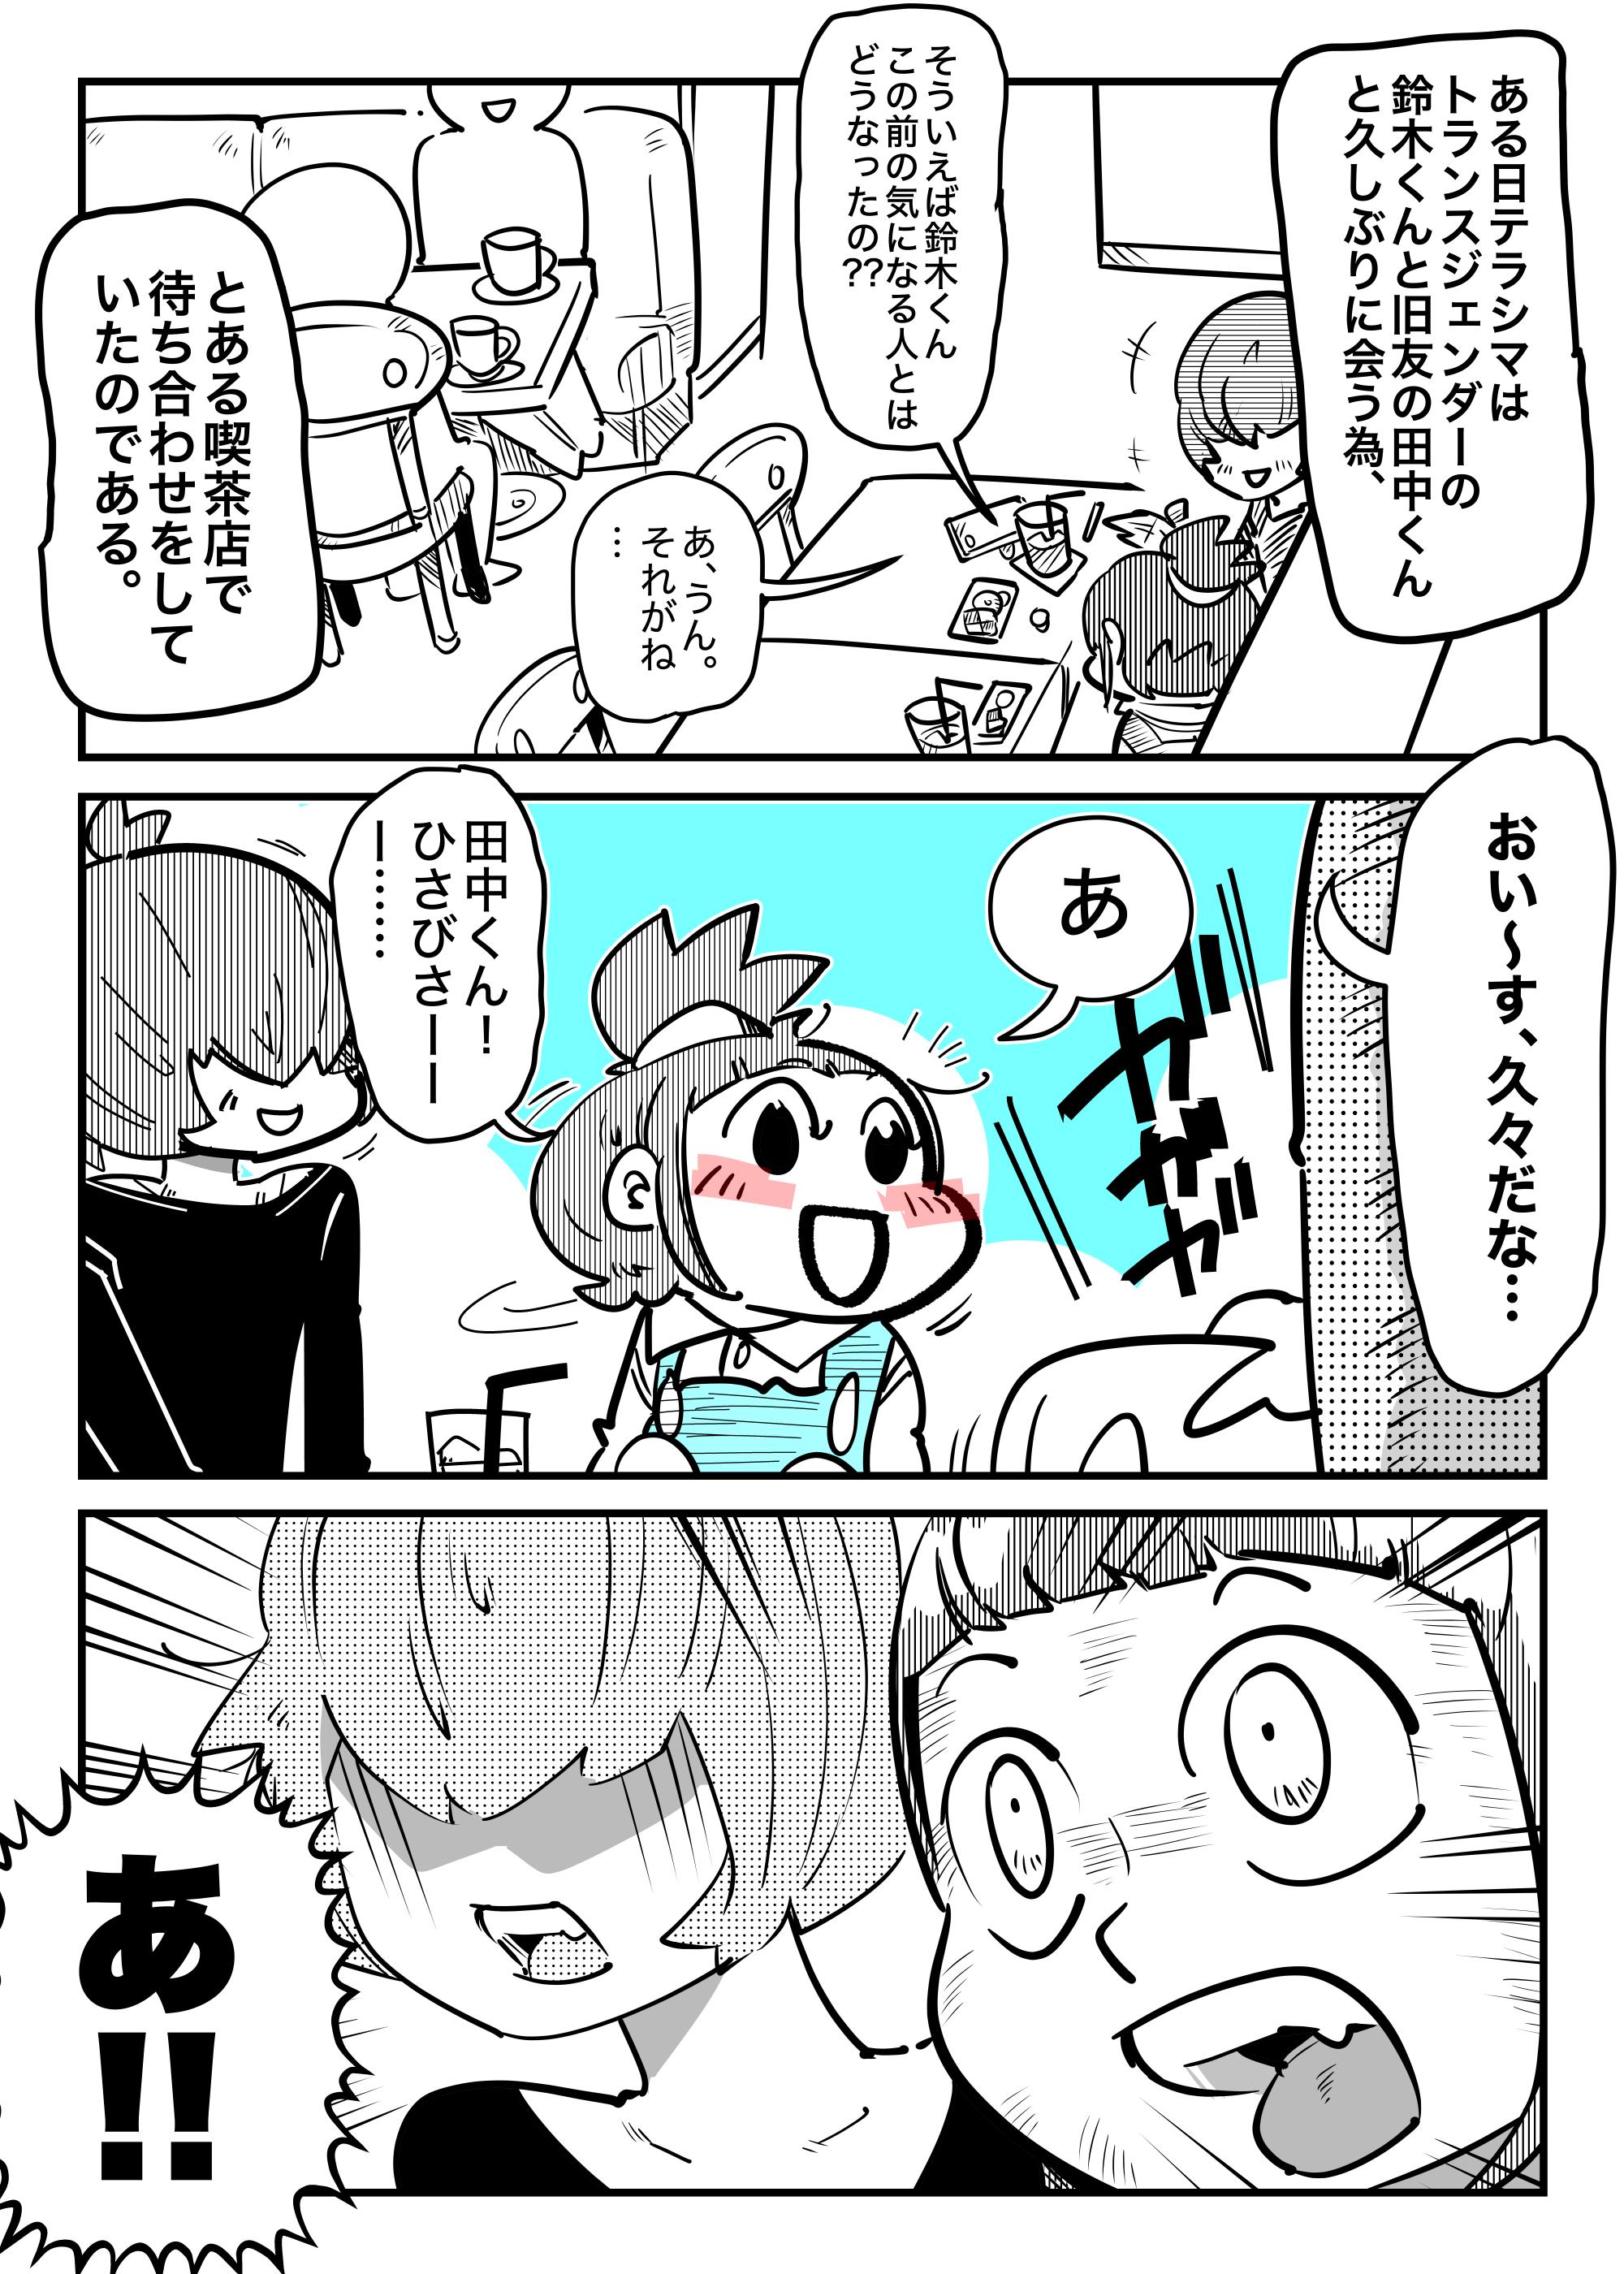 f:id:terashimaru117:20210909080248j:plain